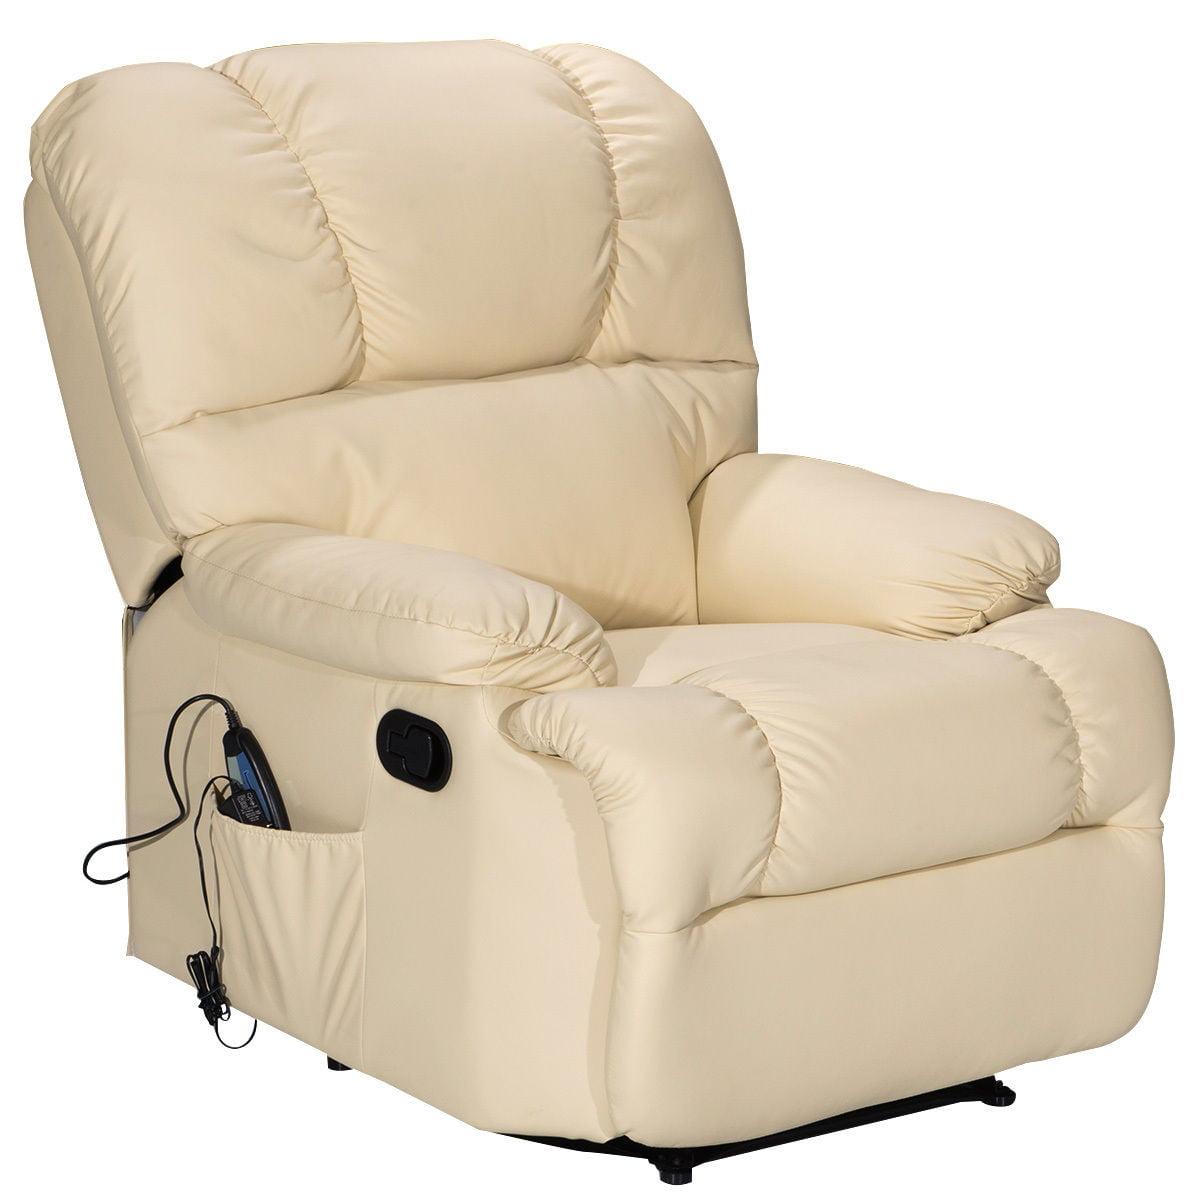 Reclining Massage Chair massage chairs & recliners - walmart